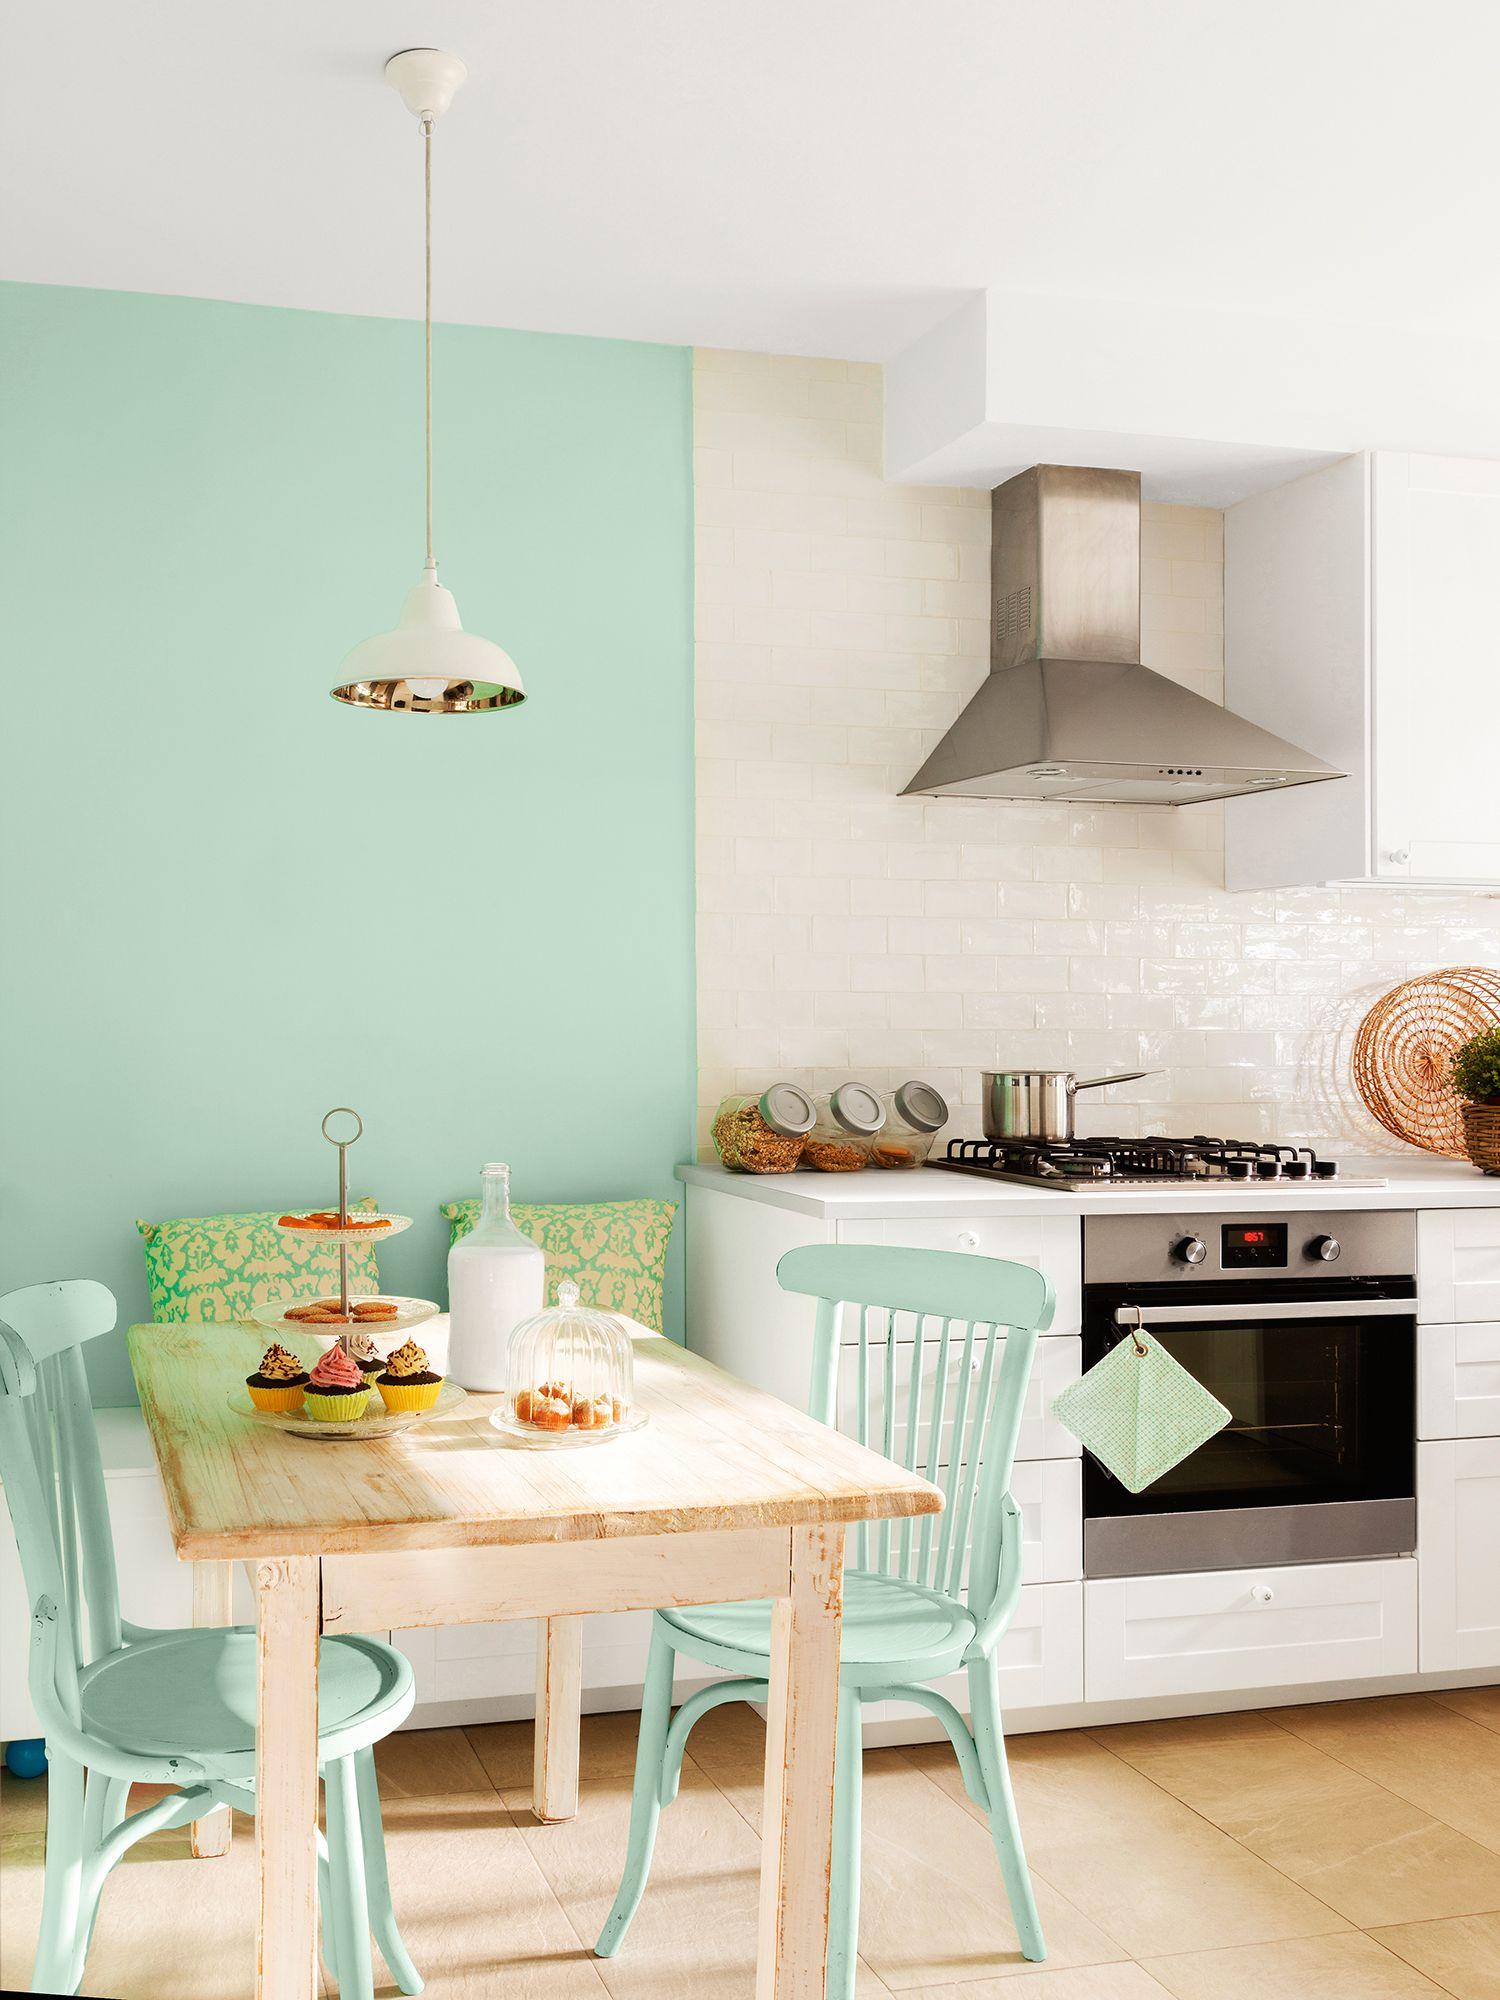 Blanco Y Verde A Duo Decoracion De Interiores Decoracion De Comedor Decoracion De Cocina